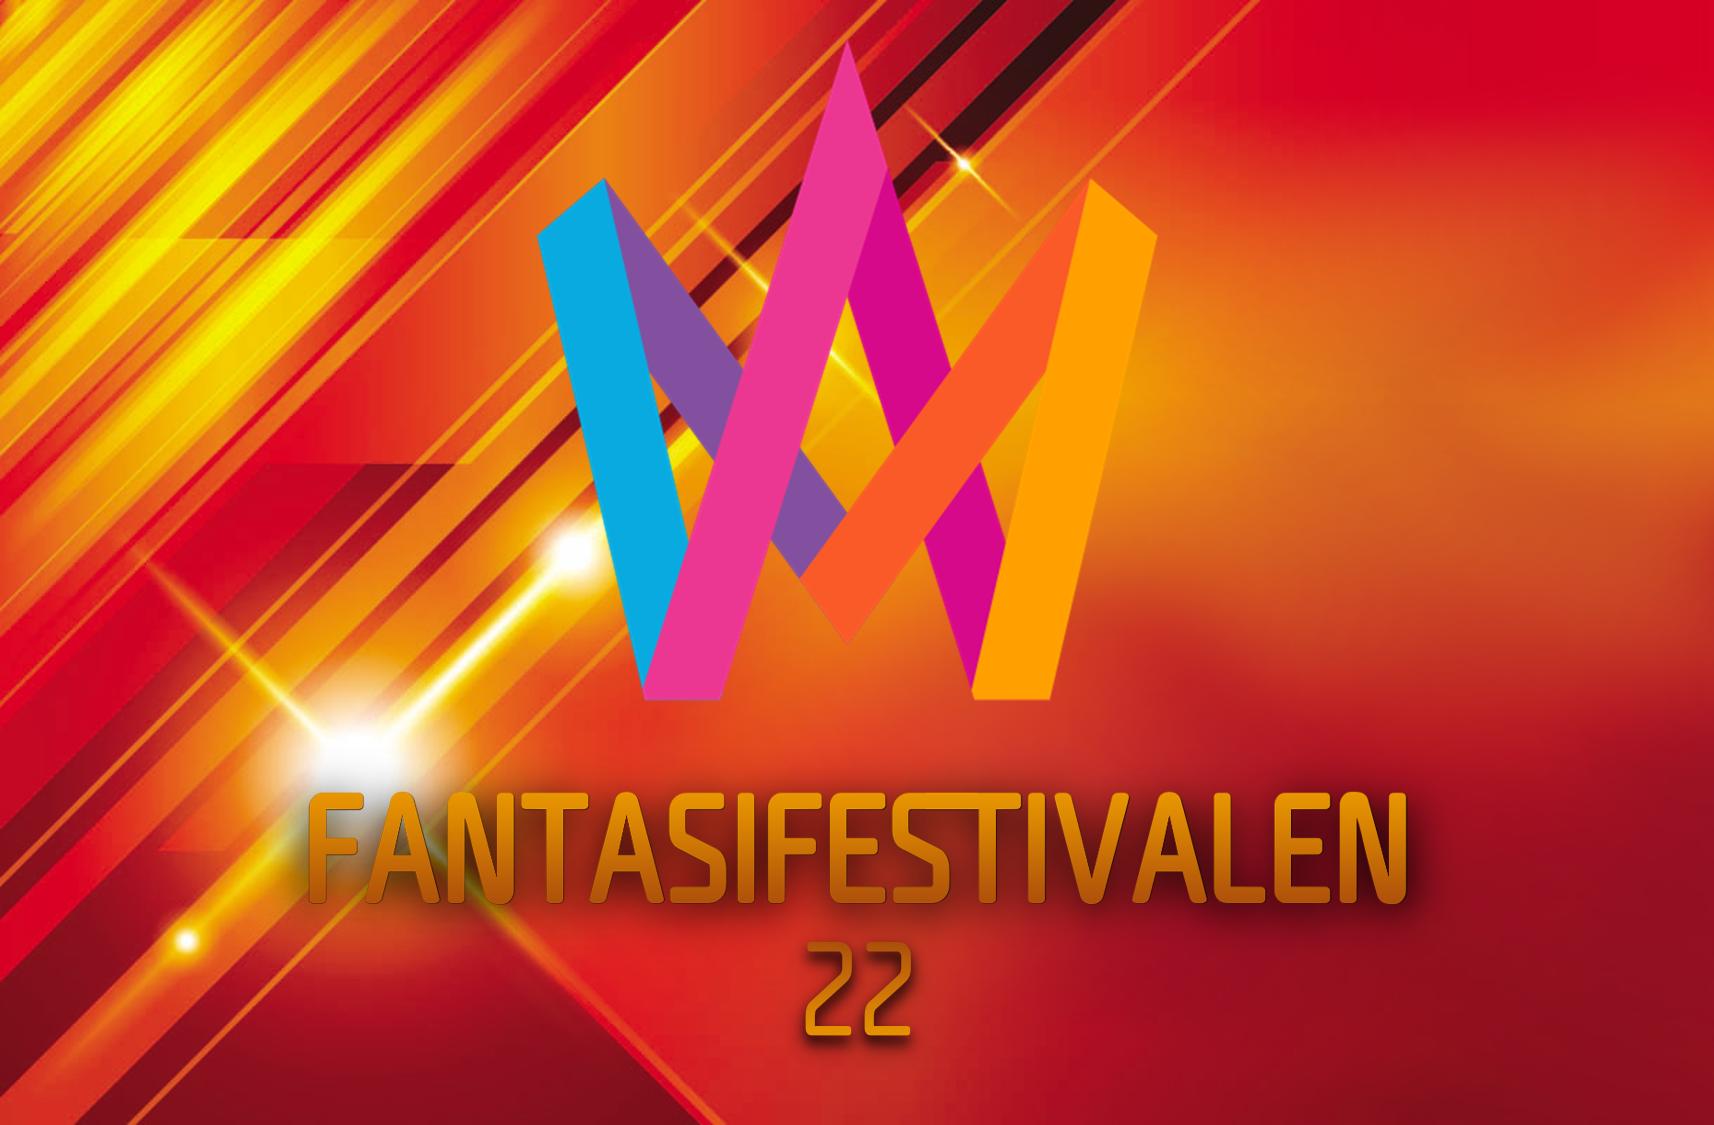 Fantasifestivalen 22